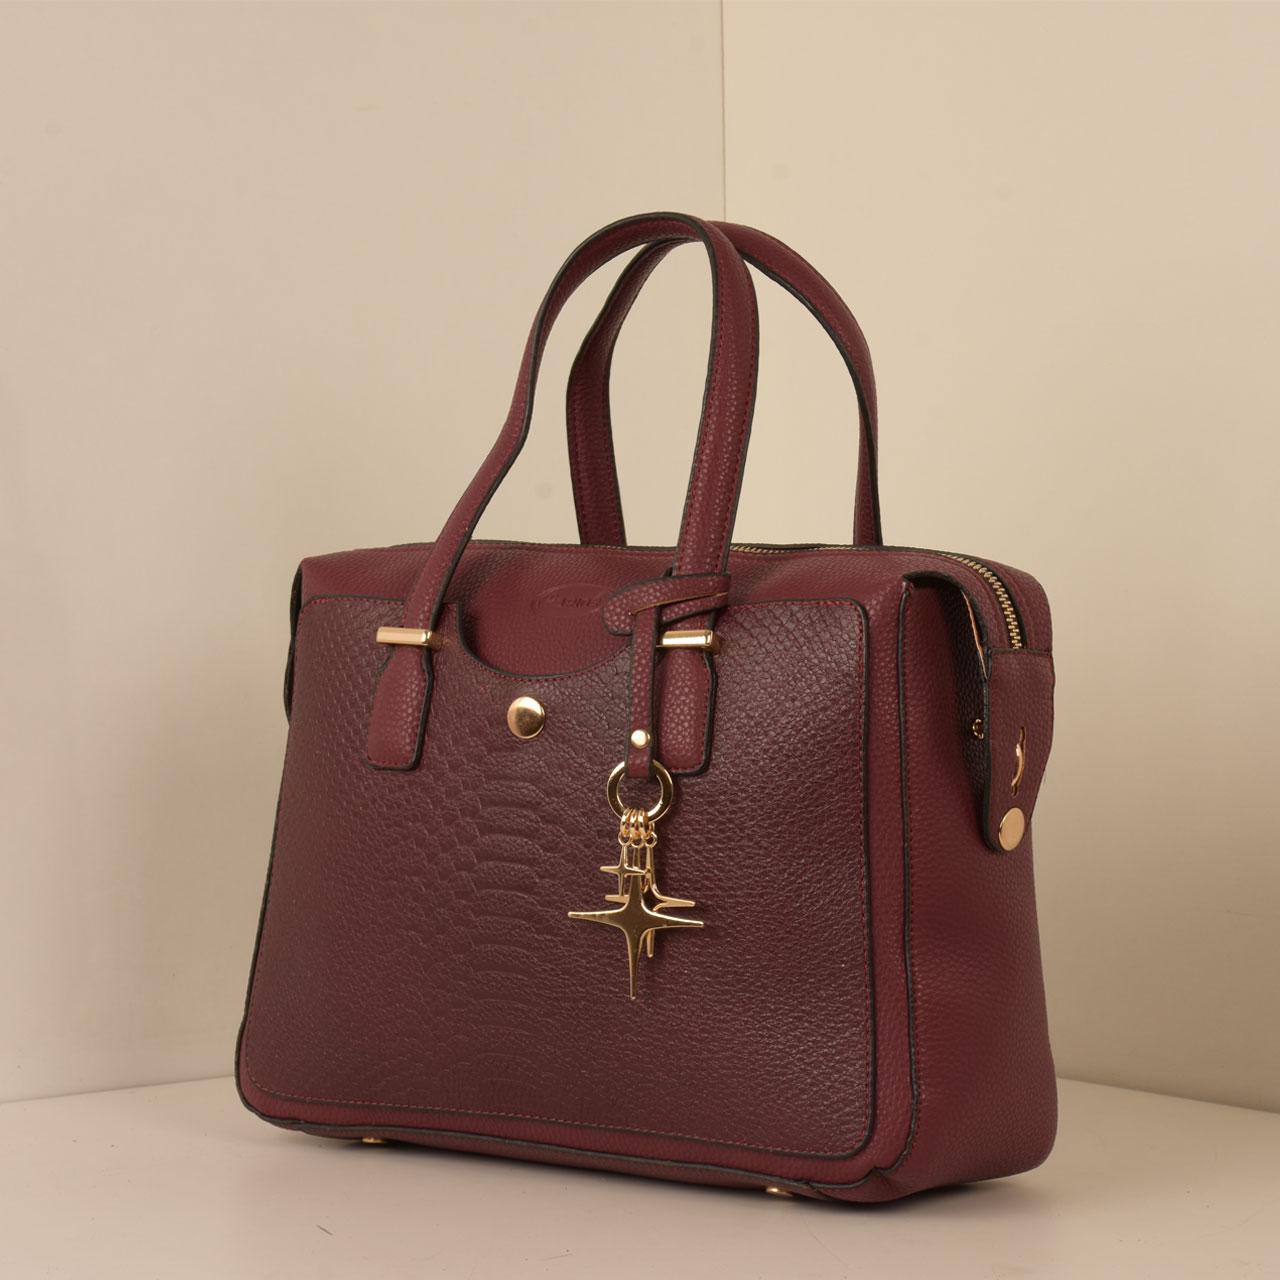 کیف دستی زنانه پارینه چرم کد PLV202-12-1516 -  - 2